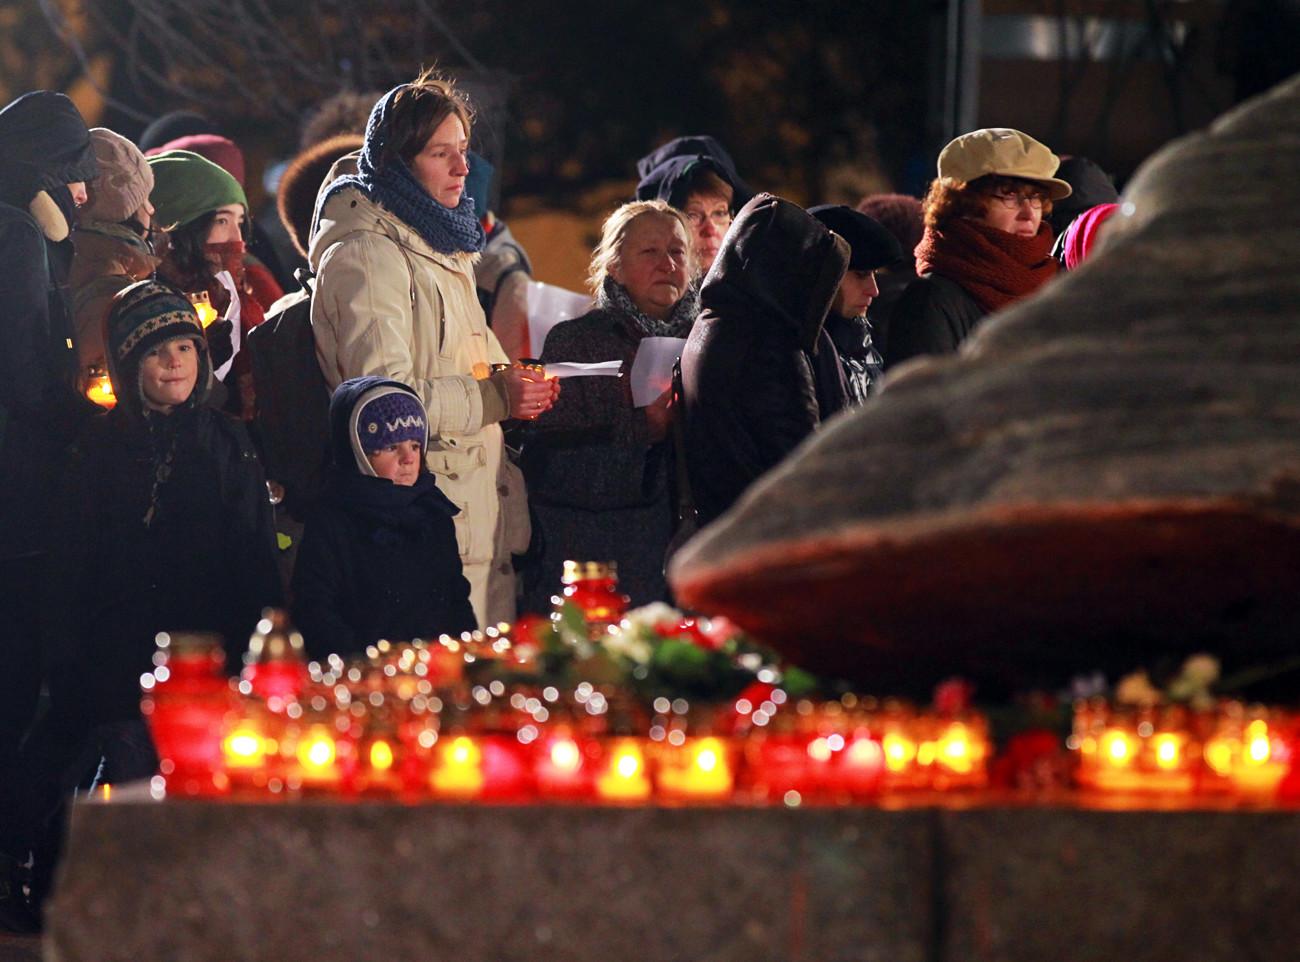 Am 29. Oktober werden traditionell die Namen der Stalin-Opfer verlesen.